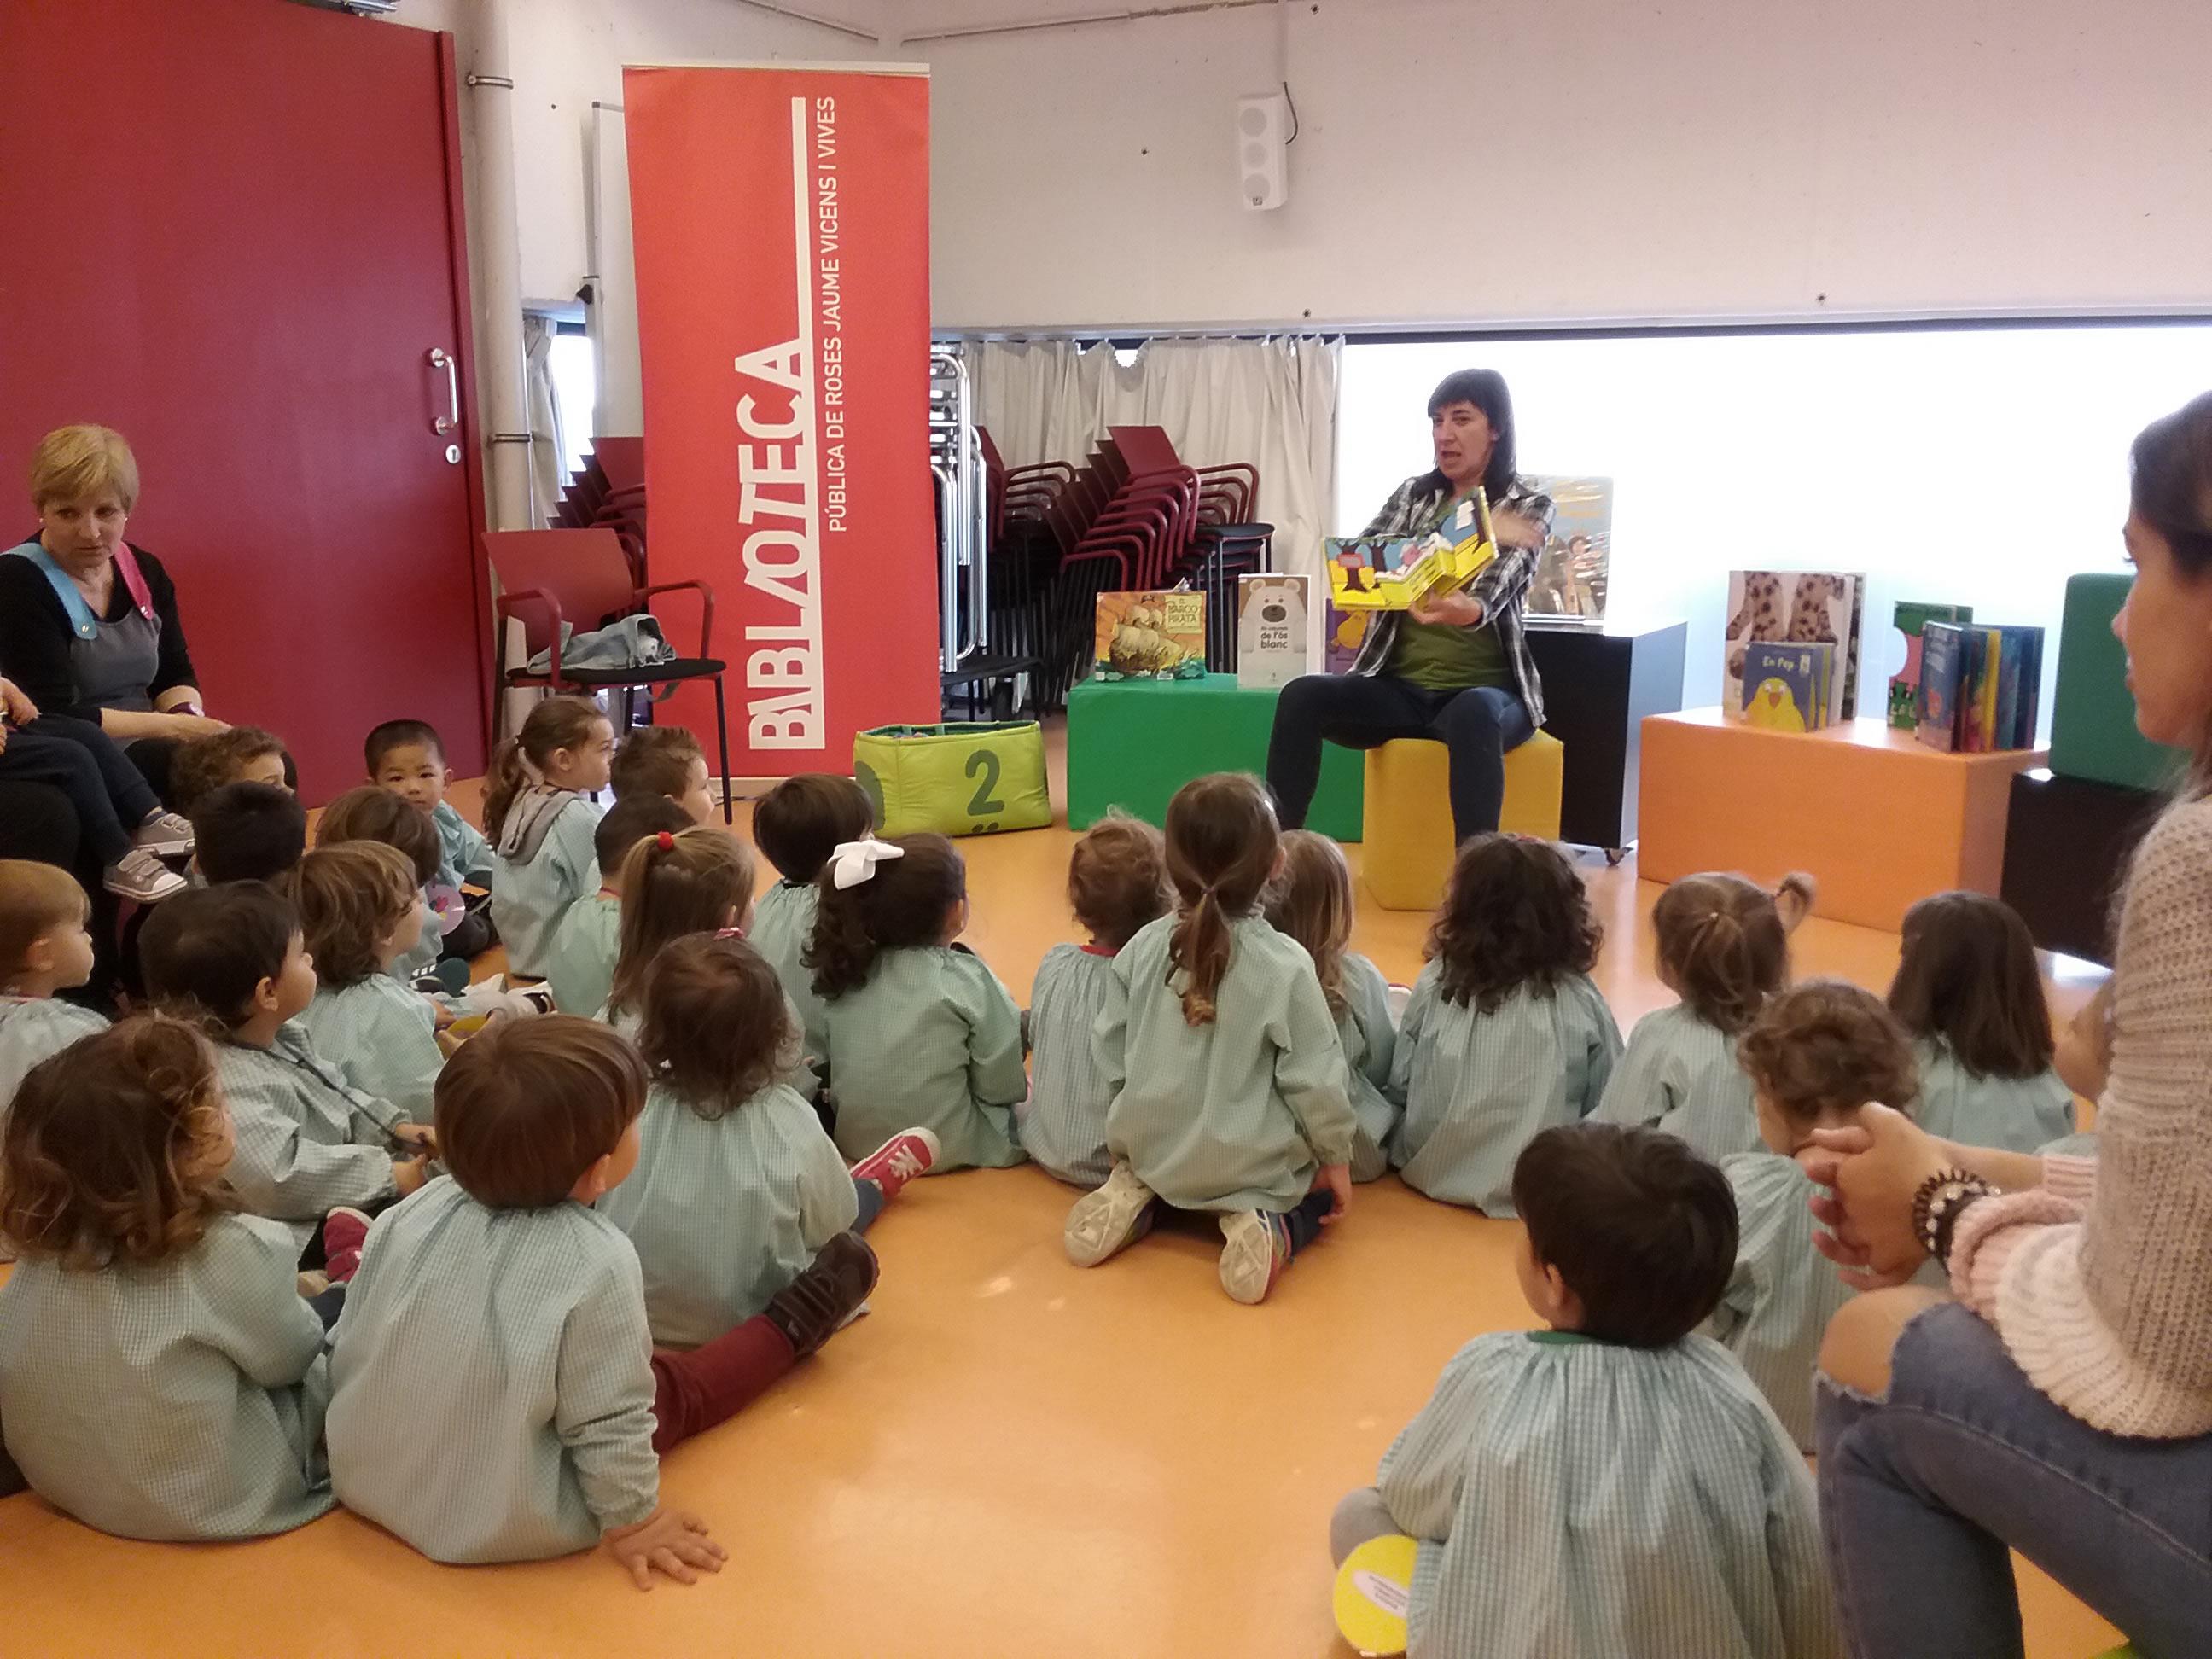 L'Ajuntament ofereix més de 120 activitats educatives complementàries a escoles i instituts de Roses